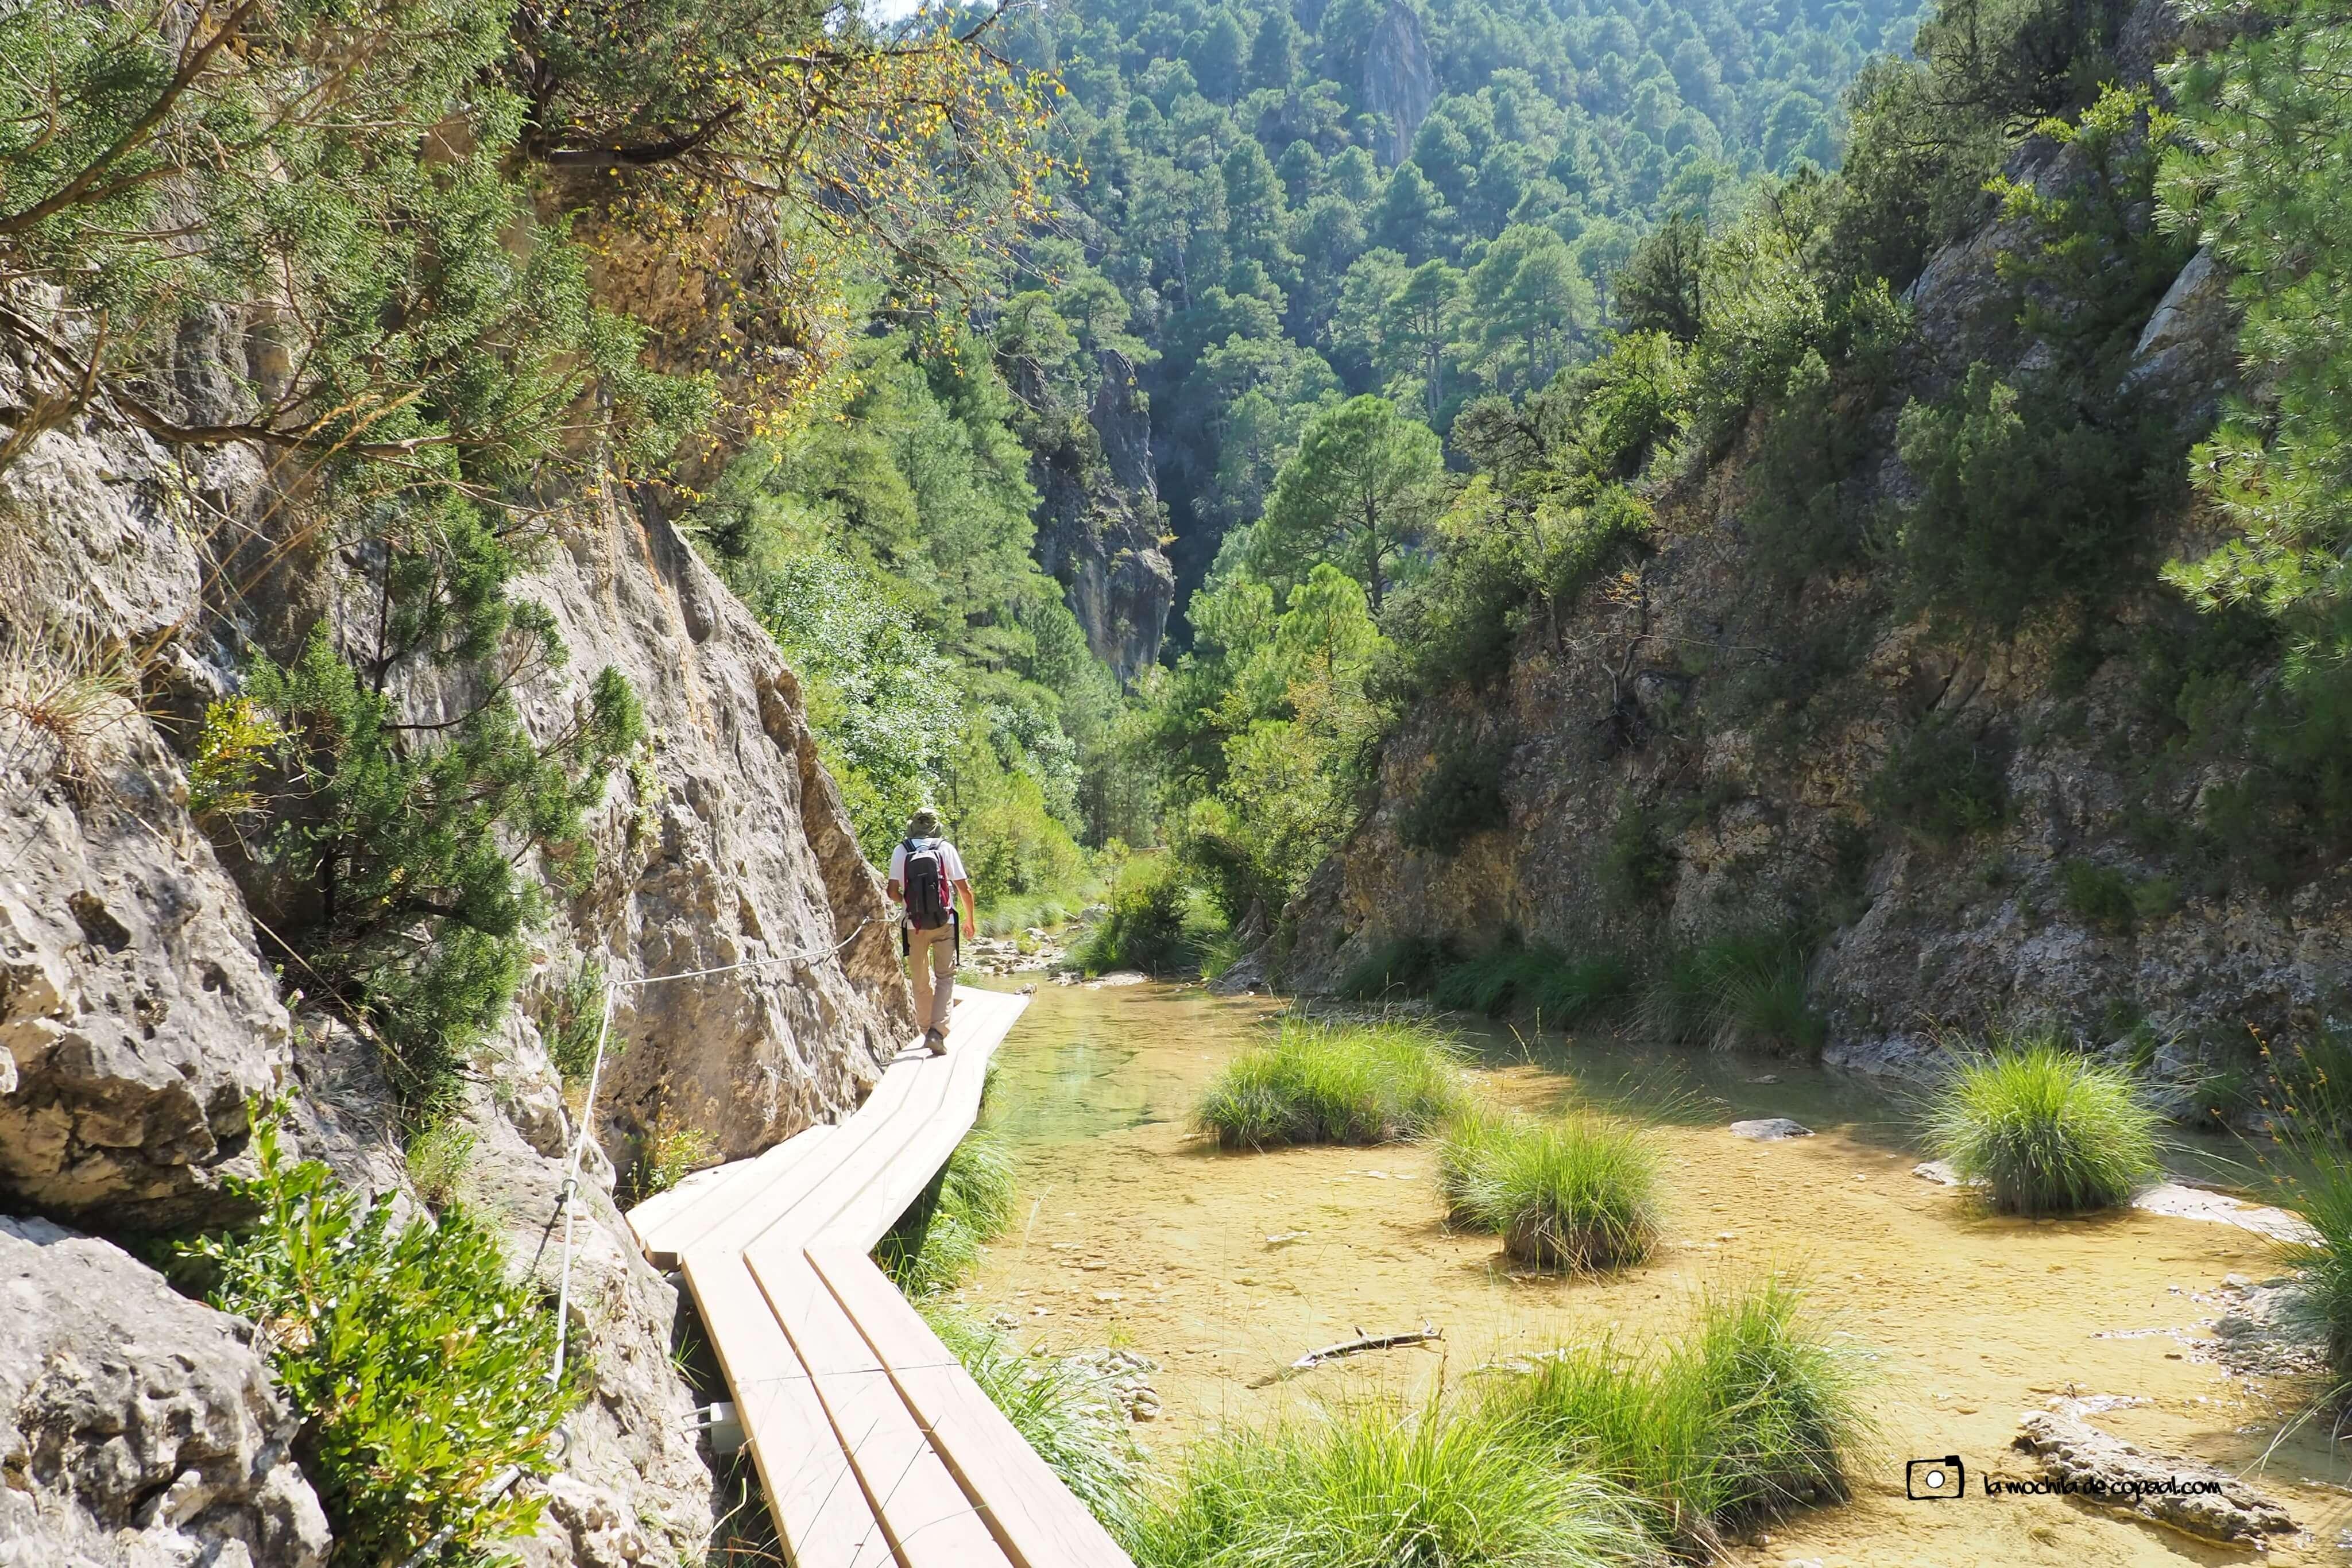 Pasarelas sobre el río Matarraña